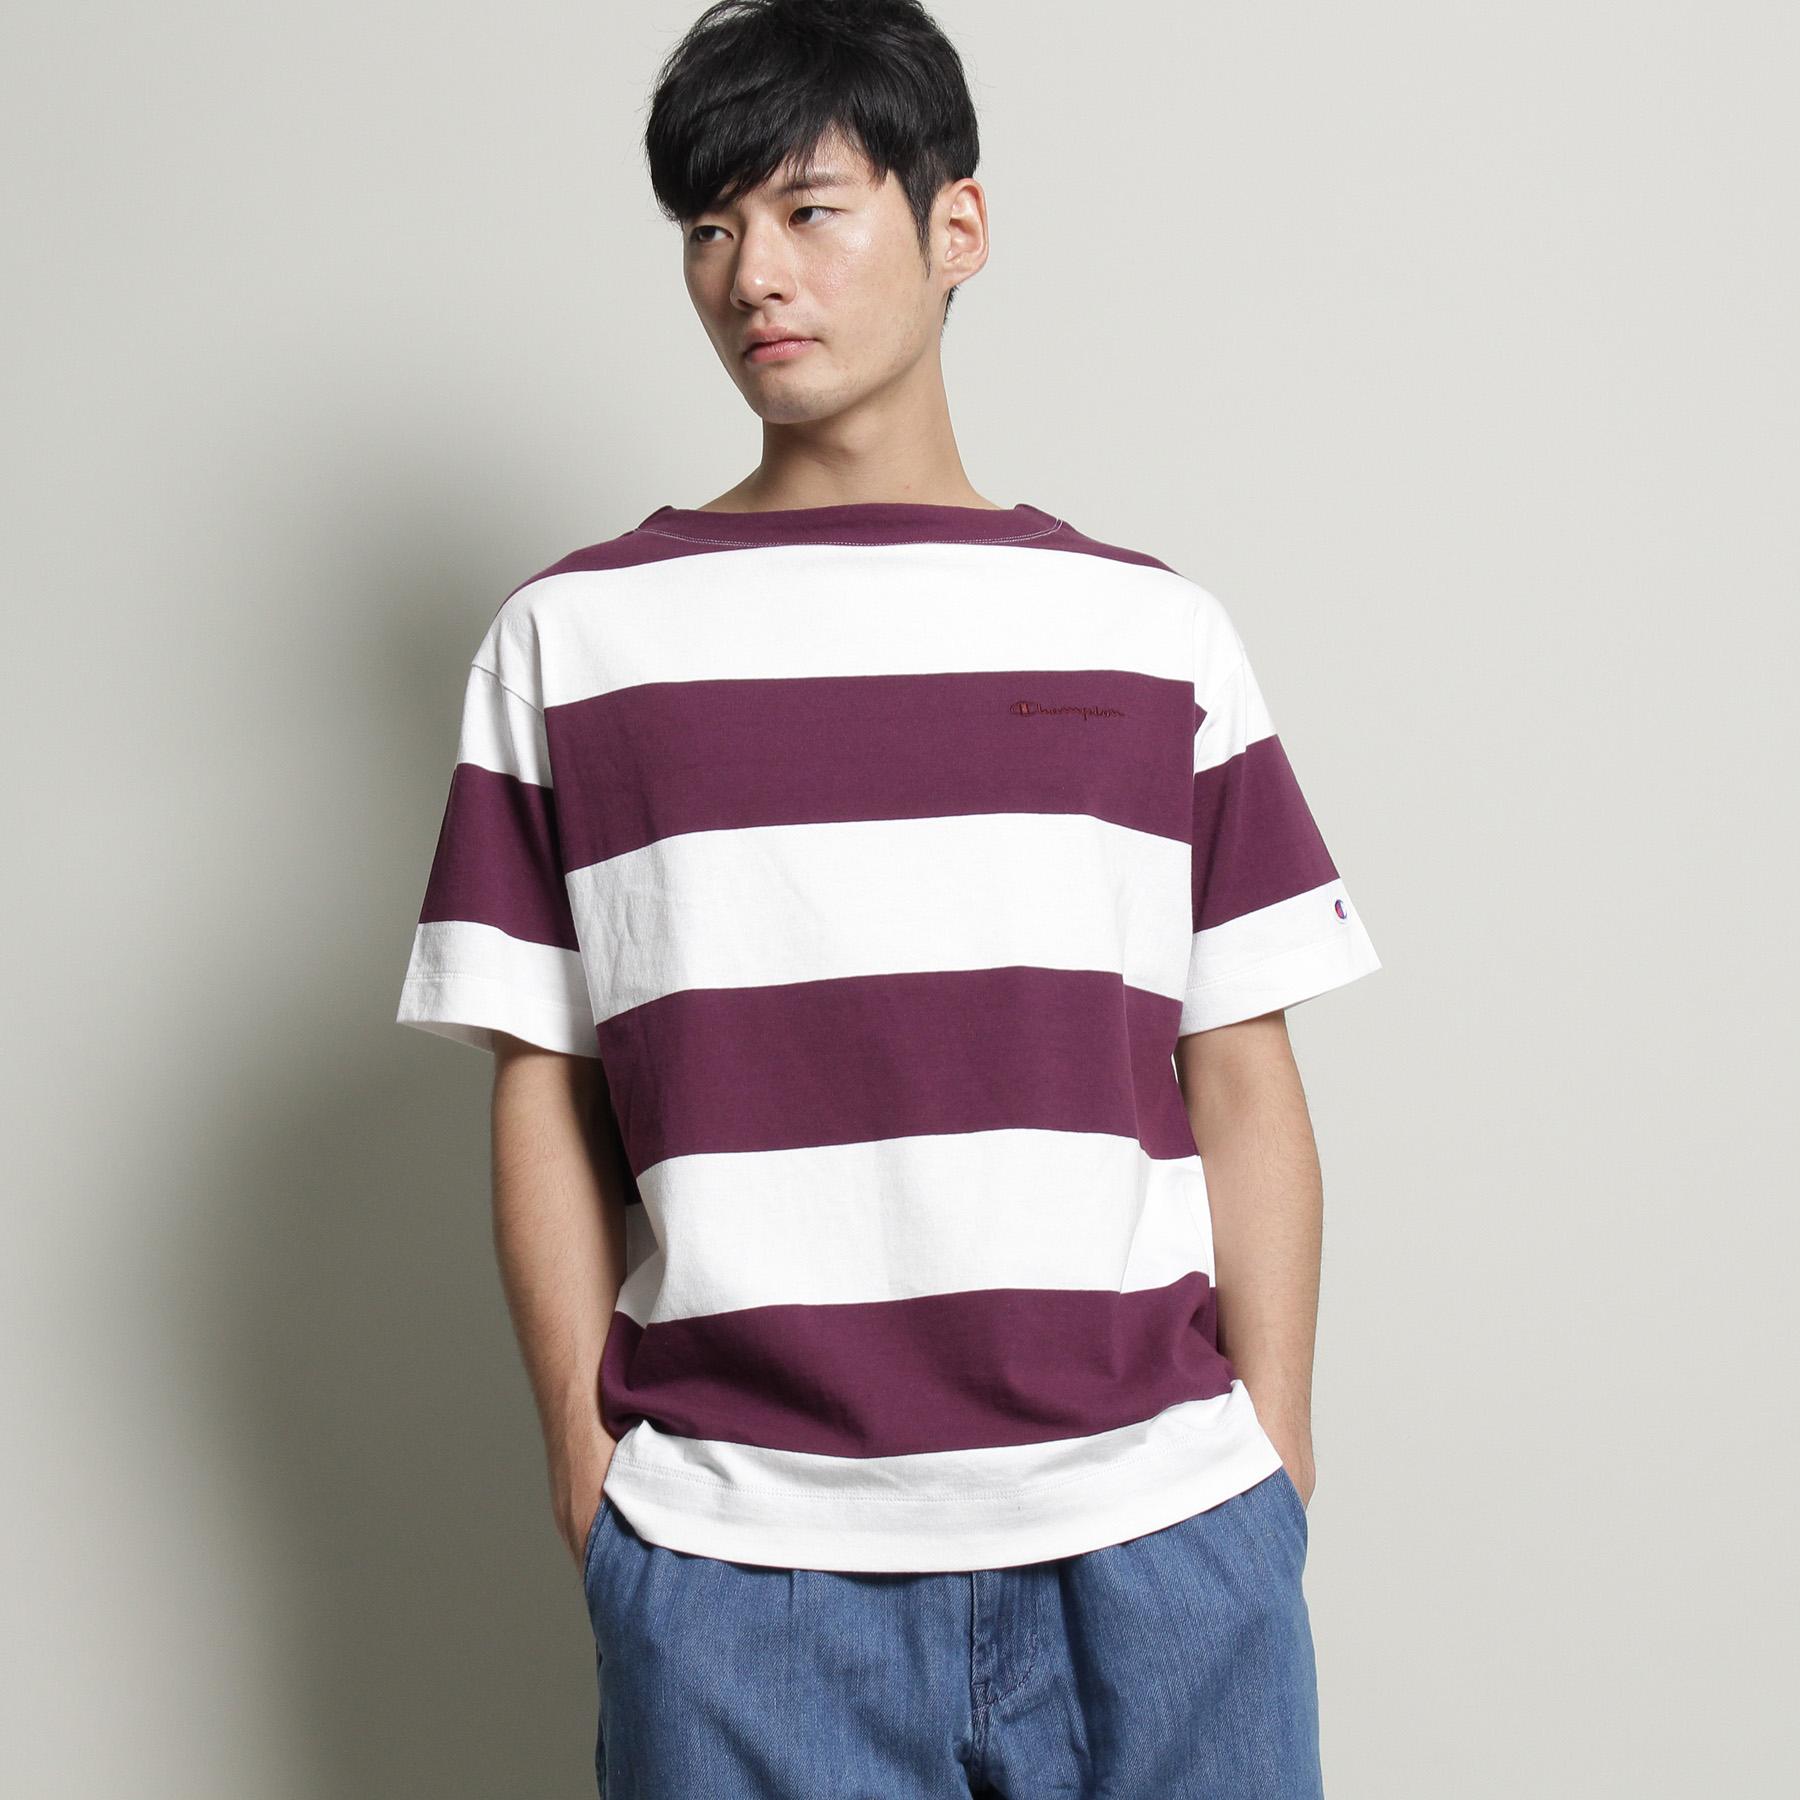 【THE SHOP TK(Men) (ザ ショップ ティーケー(メンズ))】【チャンピオン別注】ビッグボーダーTシャツメンズ トップス|カットソー・Tシャツ パープル